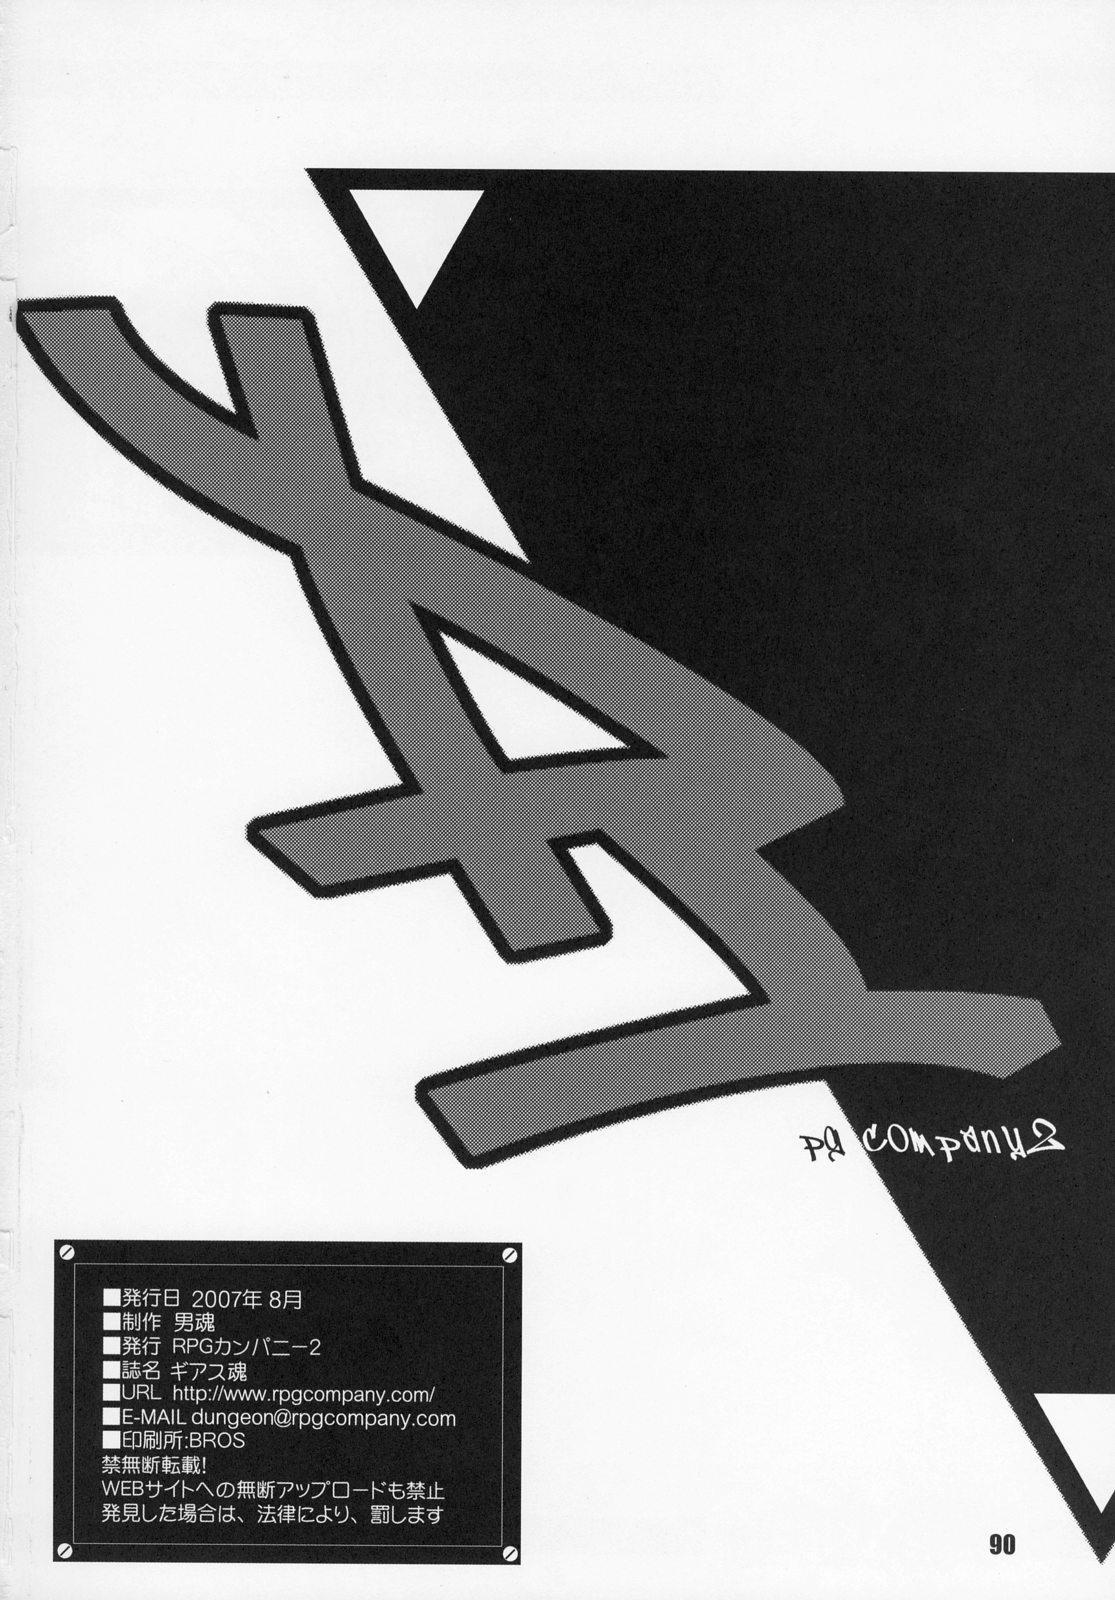 Geass Damashii 88